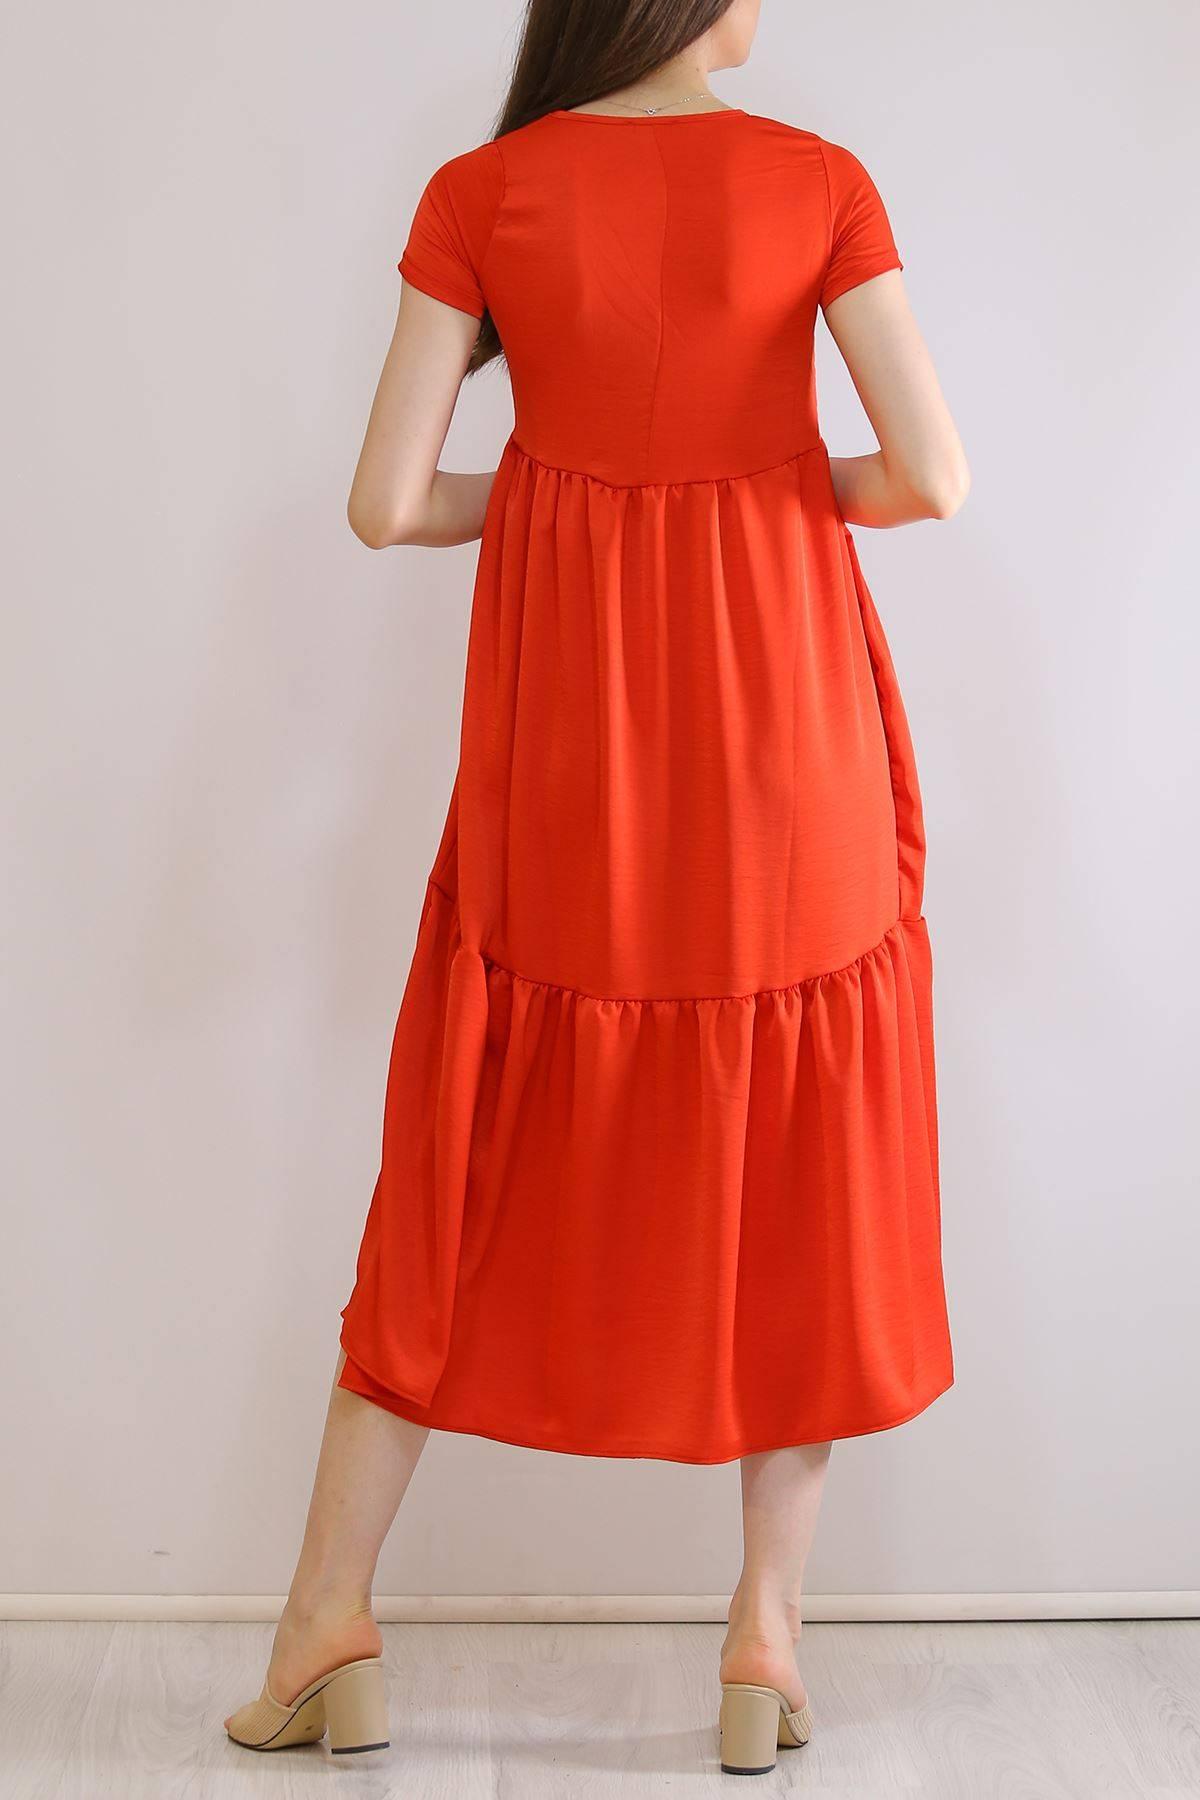 Ayrobin Elbise Kırmızı - 6023.1247.